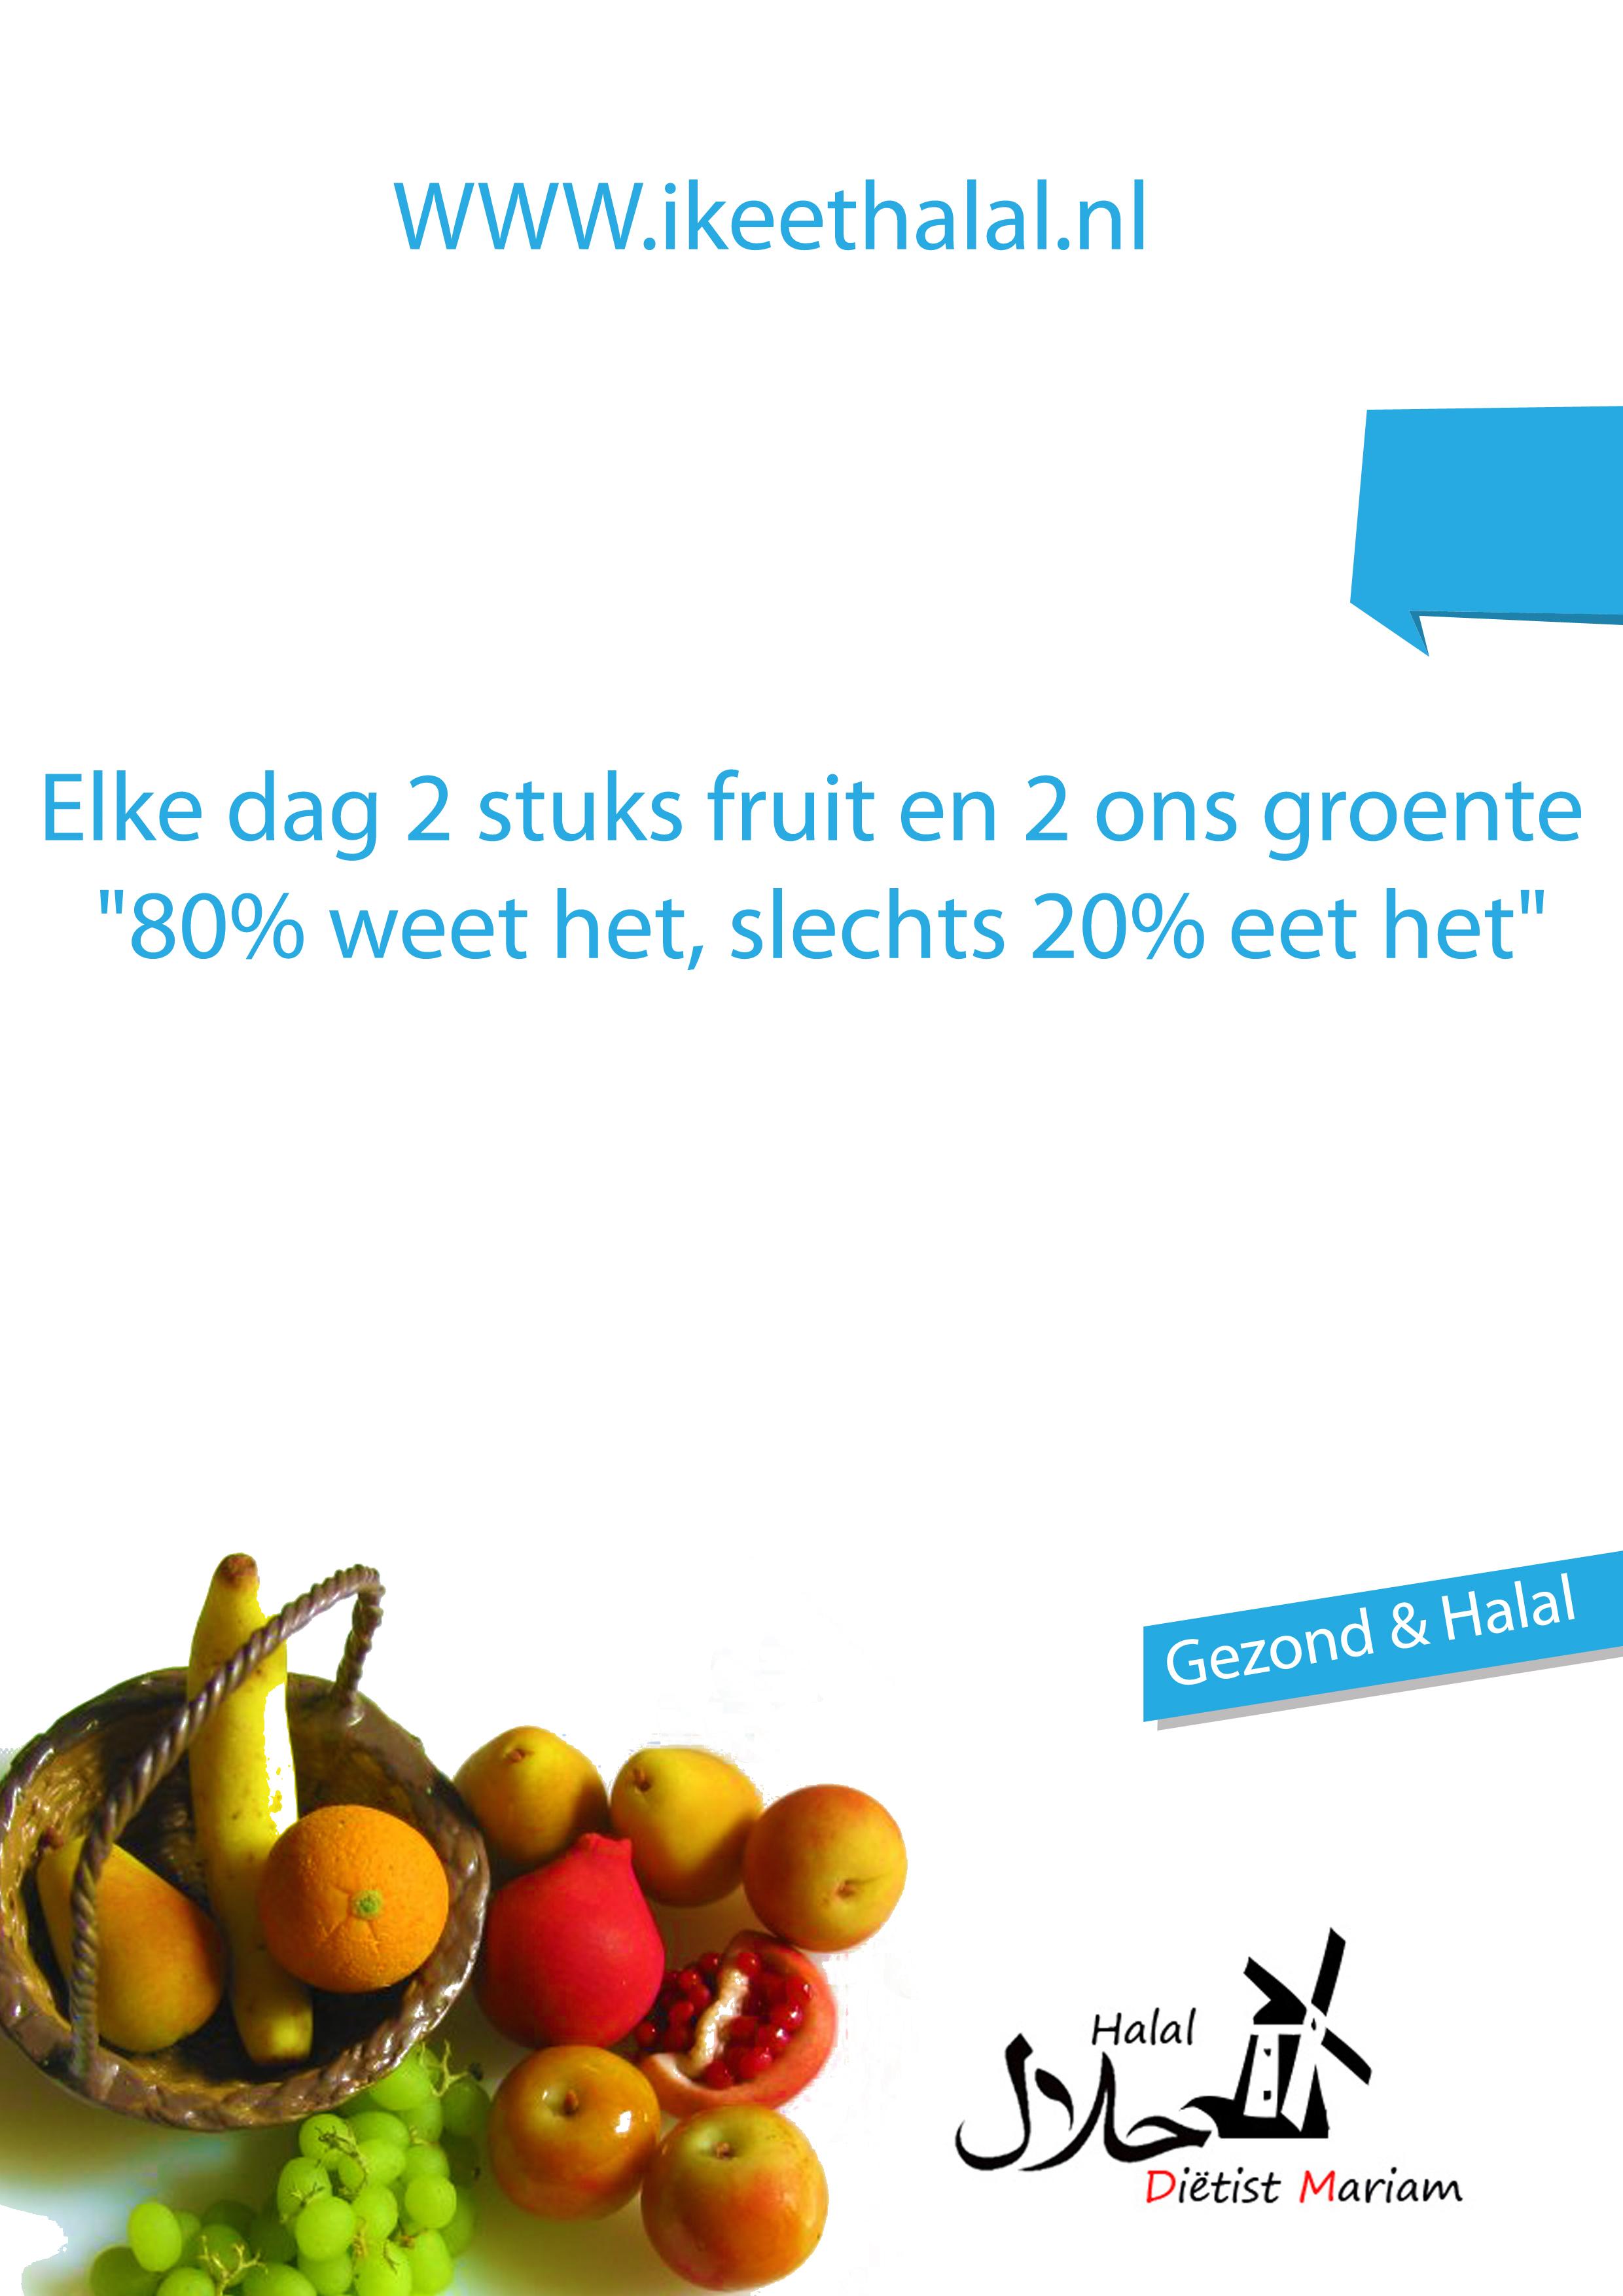 Fruitcampagne scholen